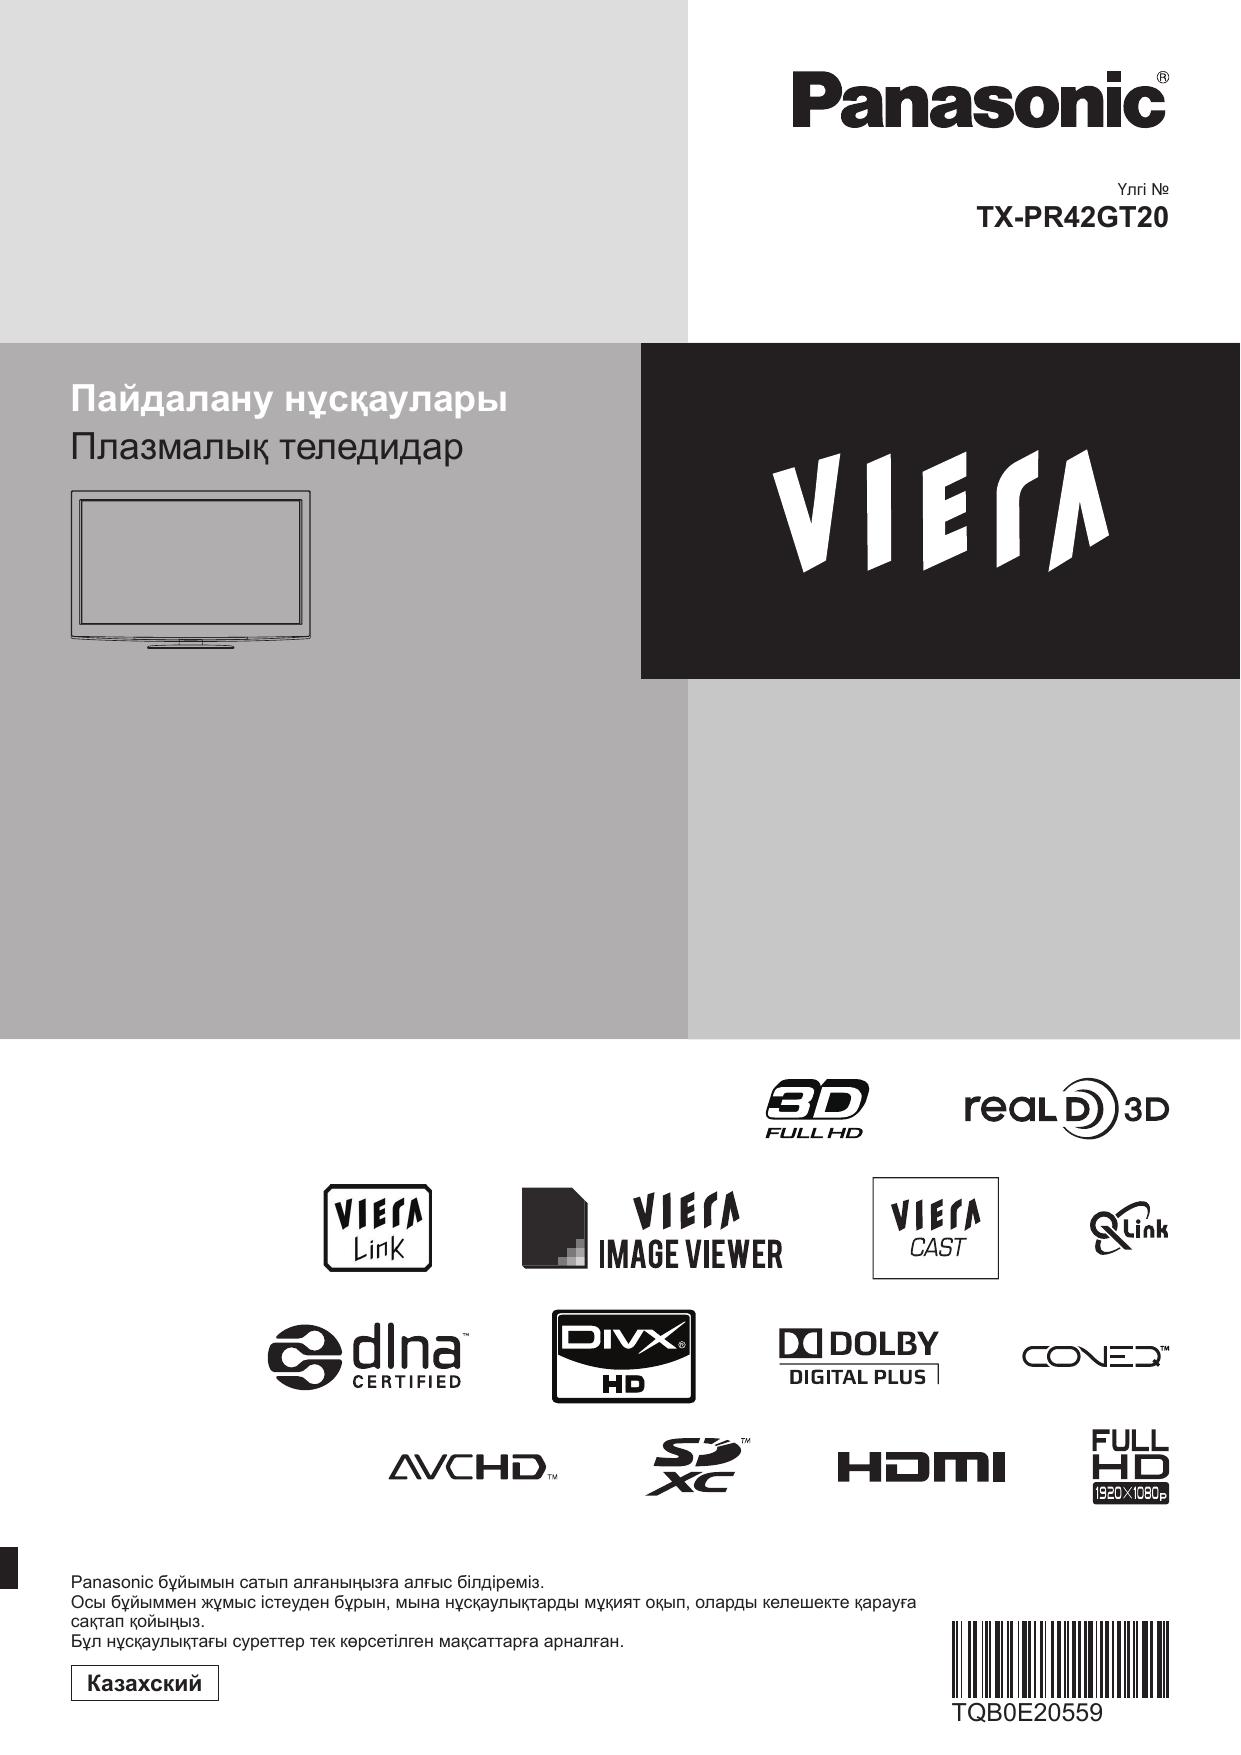 Яндекс ойын кітабы арқылы құрылғы